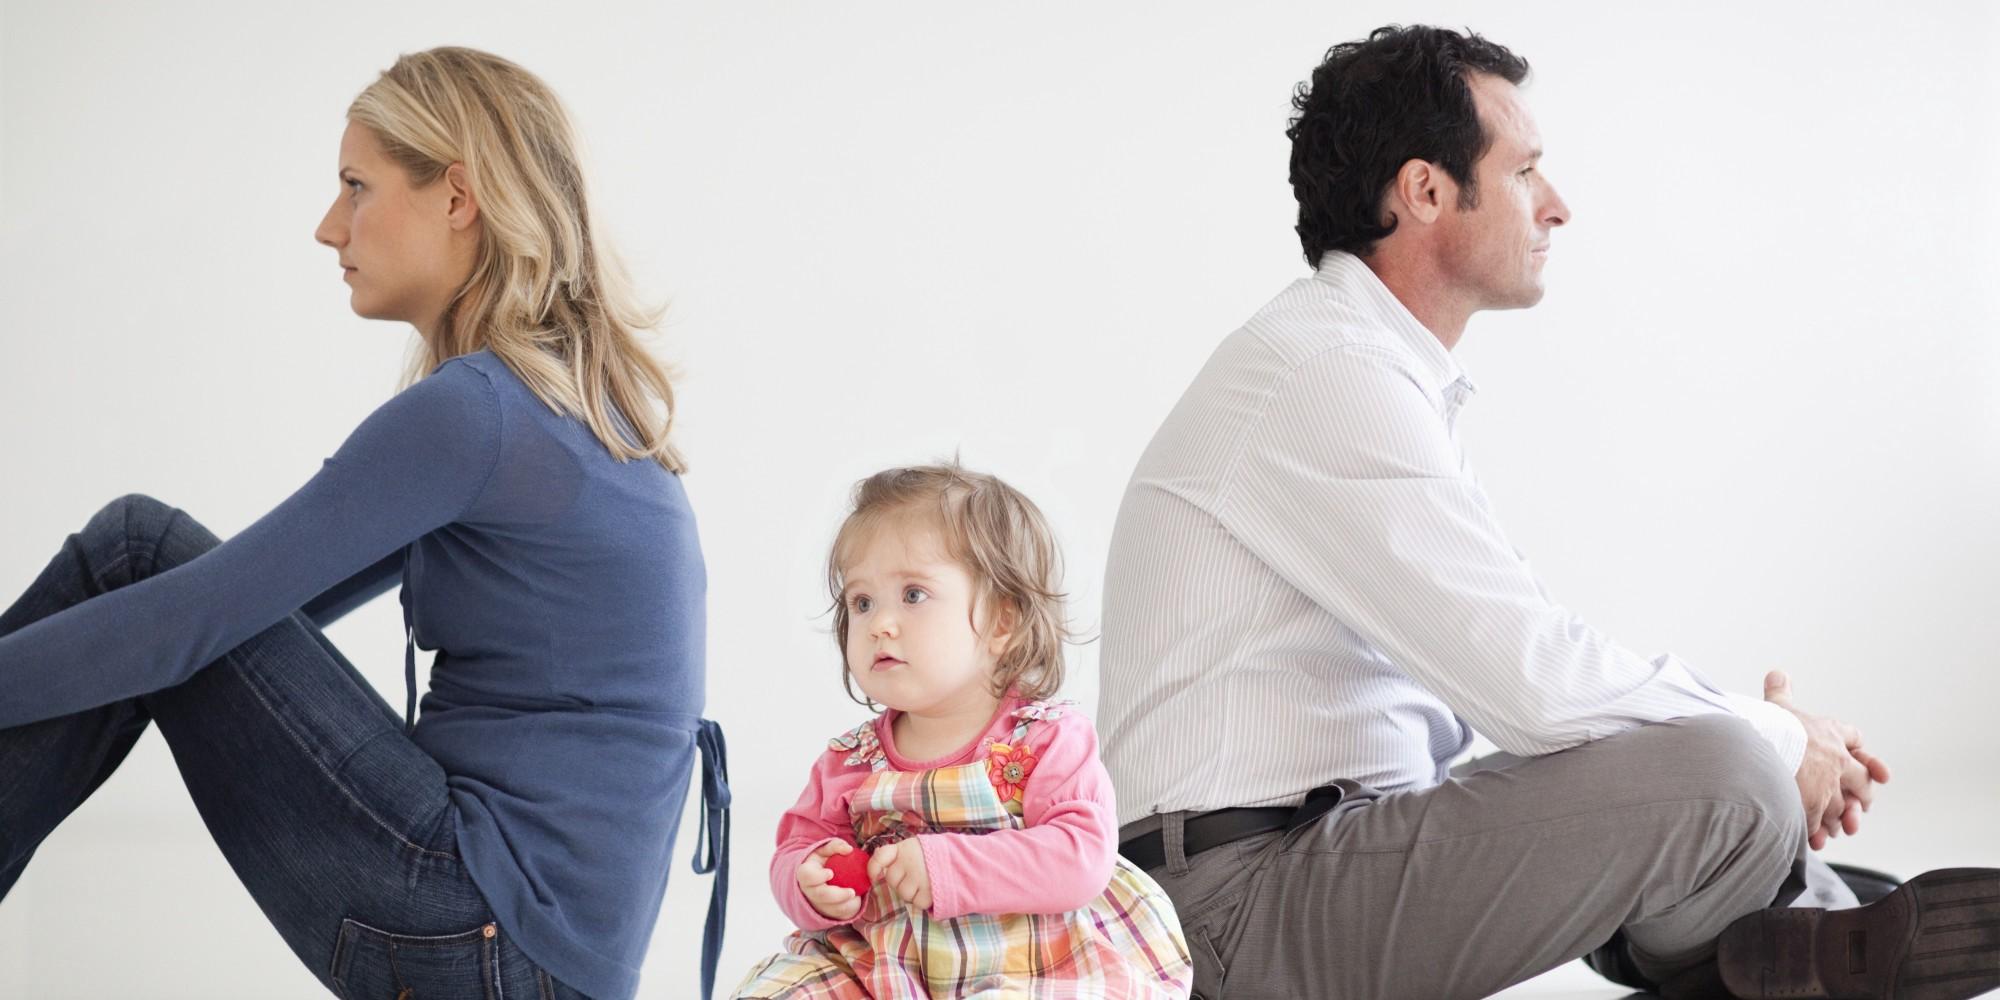 Суду нужно убедительно рассказать, почему истец считает, что брак распался и что мешает восстановить семью. Если муж и жена уже долго живут порознь, следует указать эти сроки